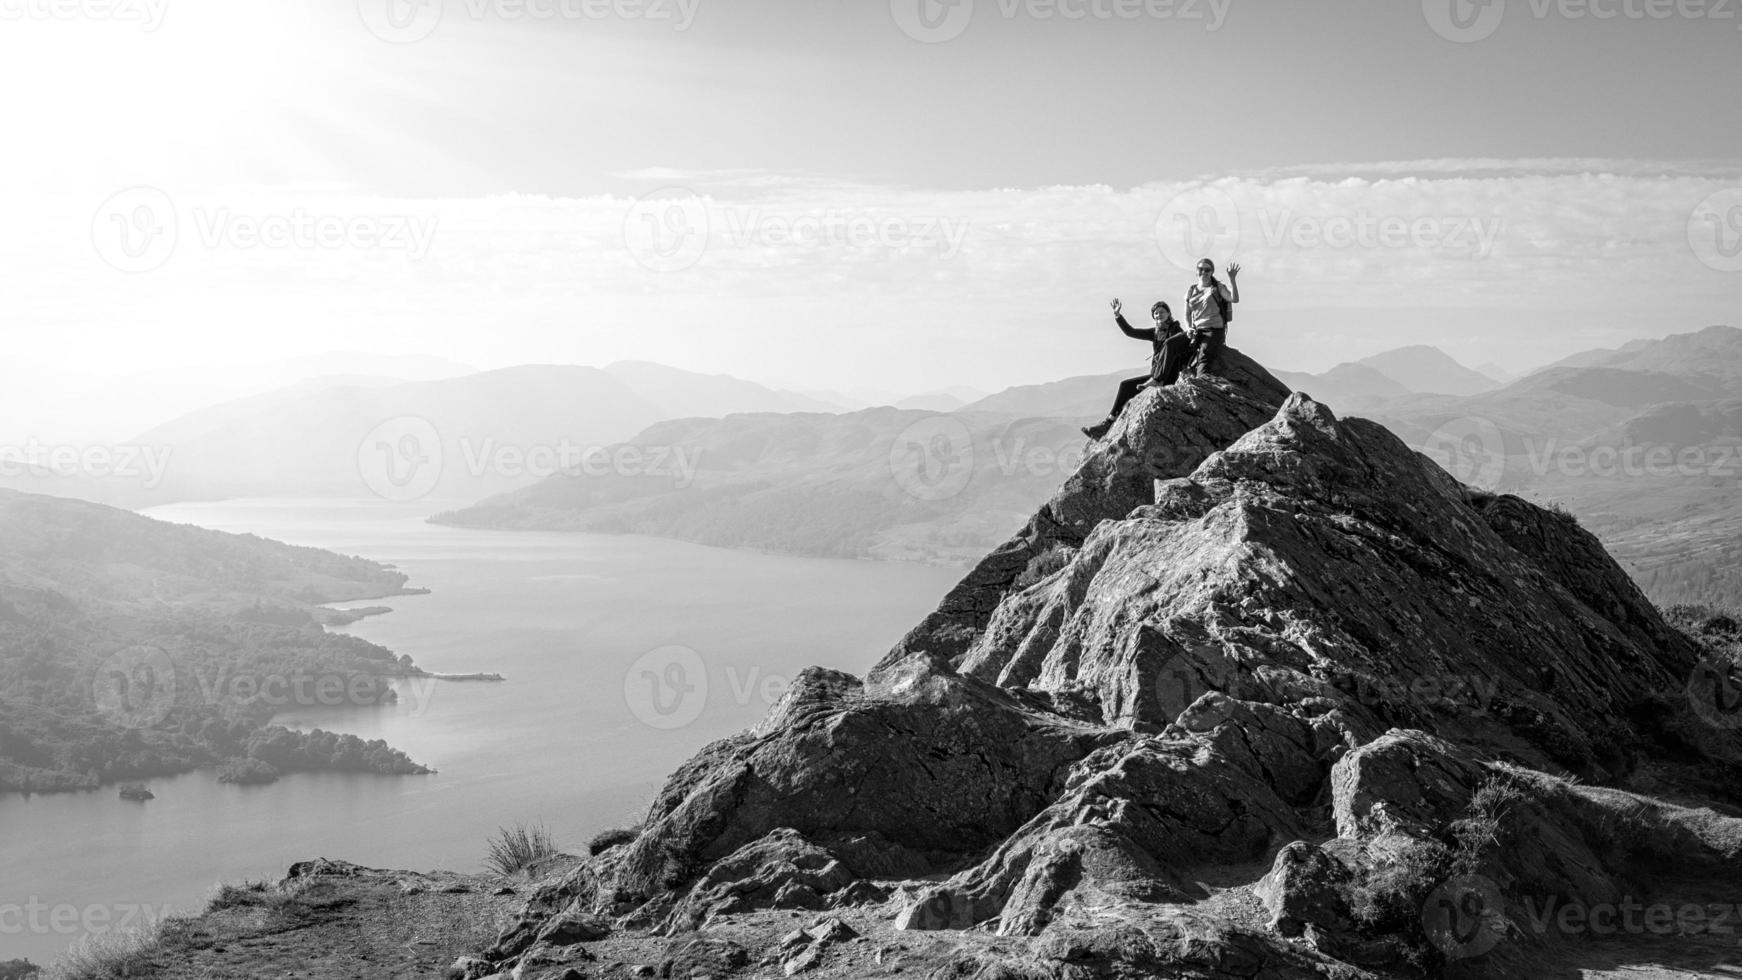 Excursionistas en la cima de la montaña disfrutando de la vista, Loch Katrine, Escocia foto